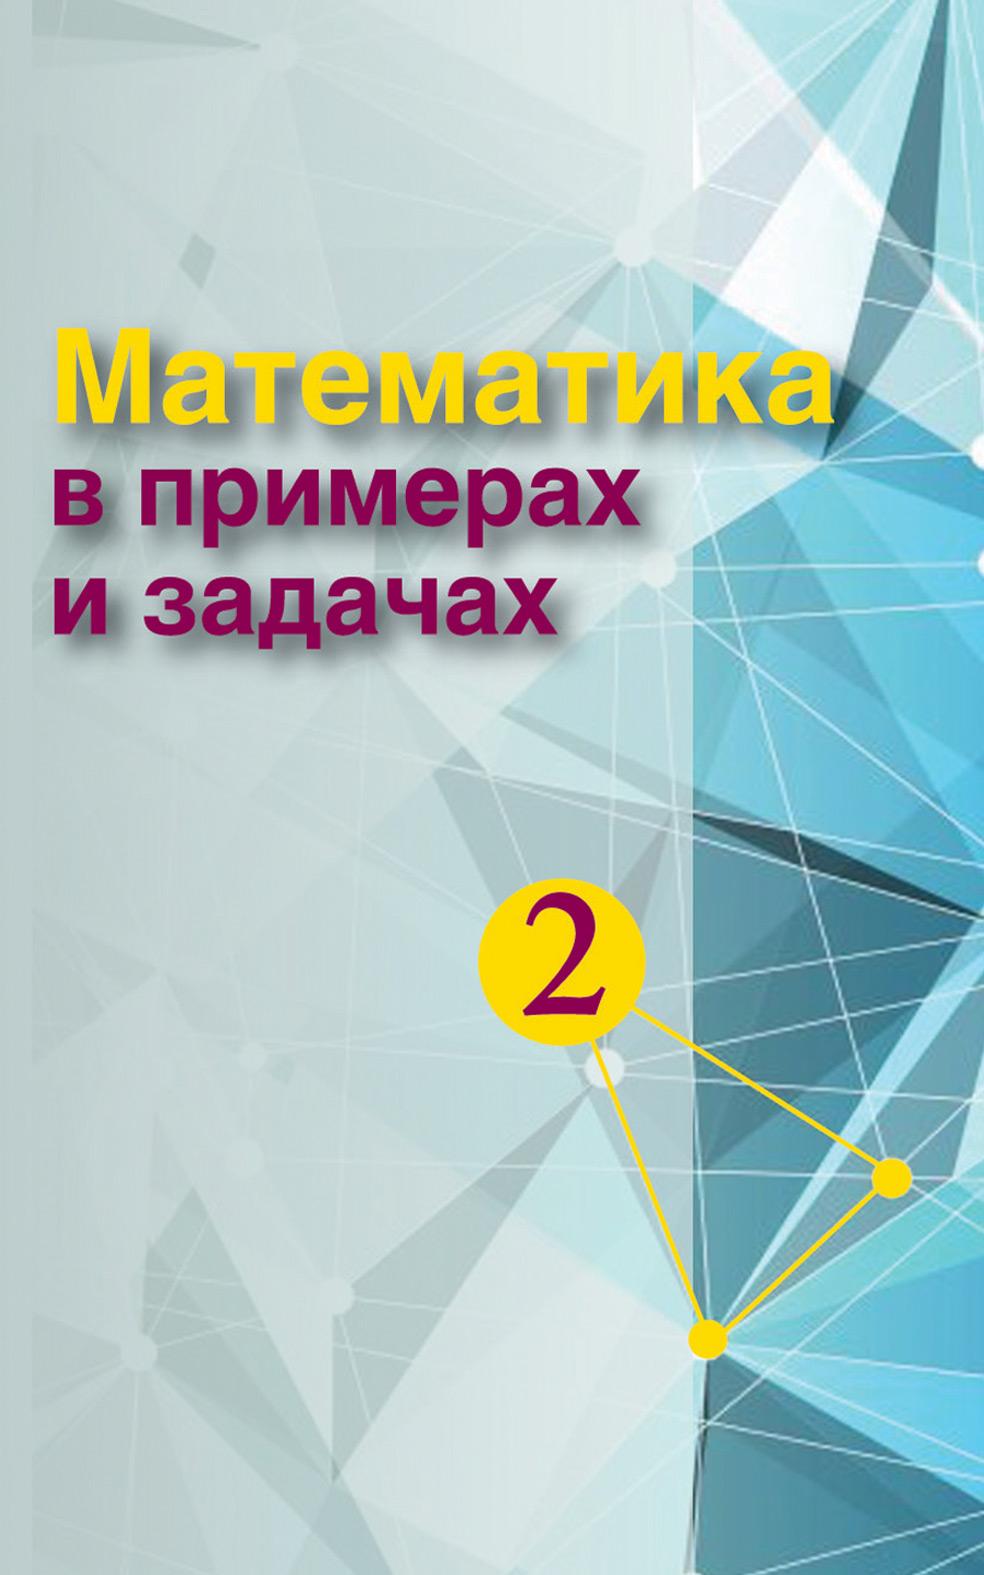 Коллектив авторов Математика в примерах и задачах. Часть 2